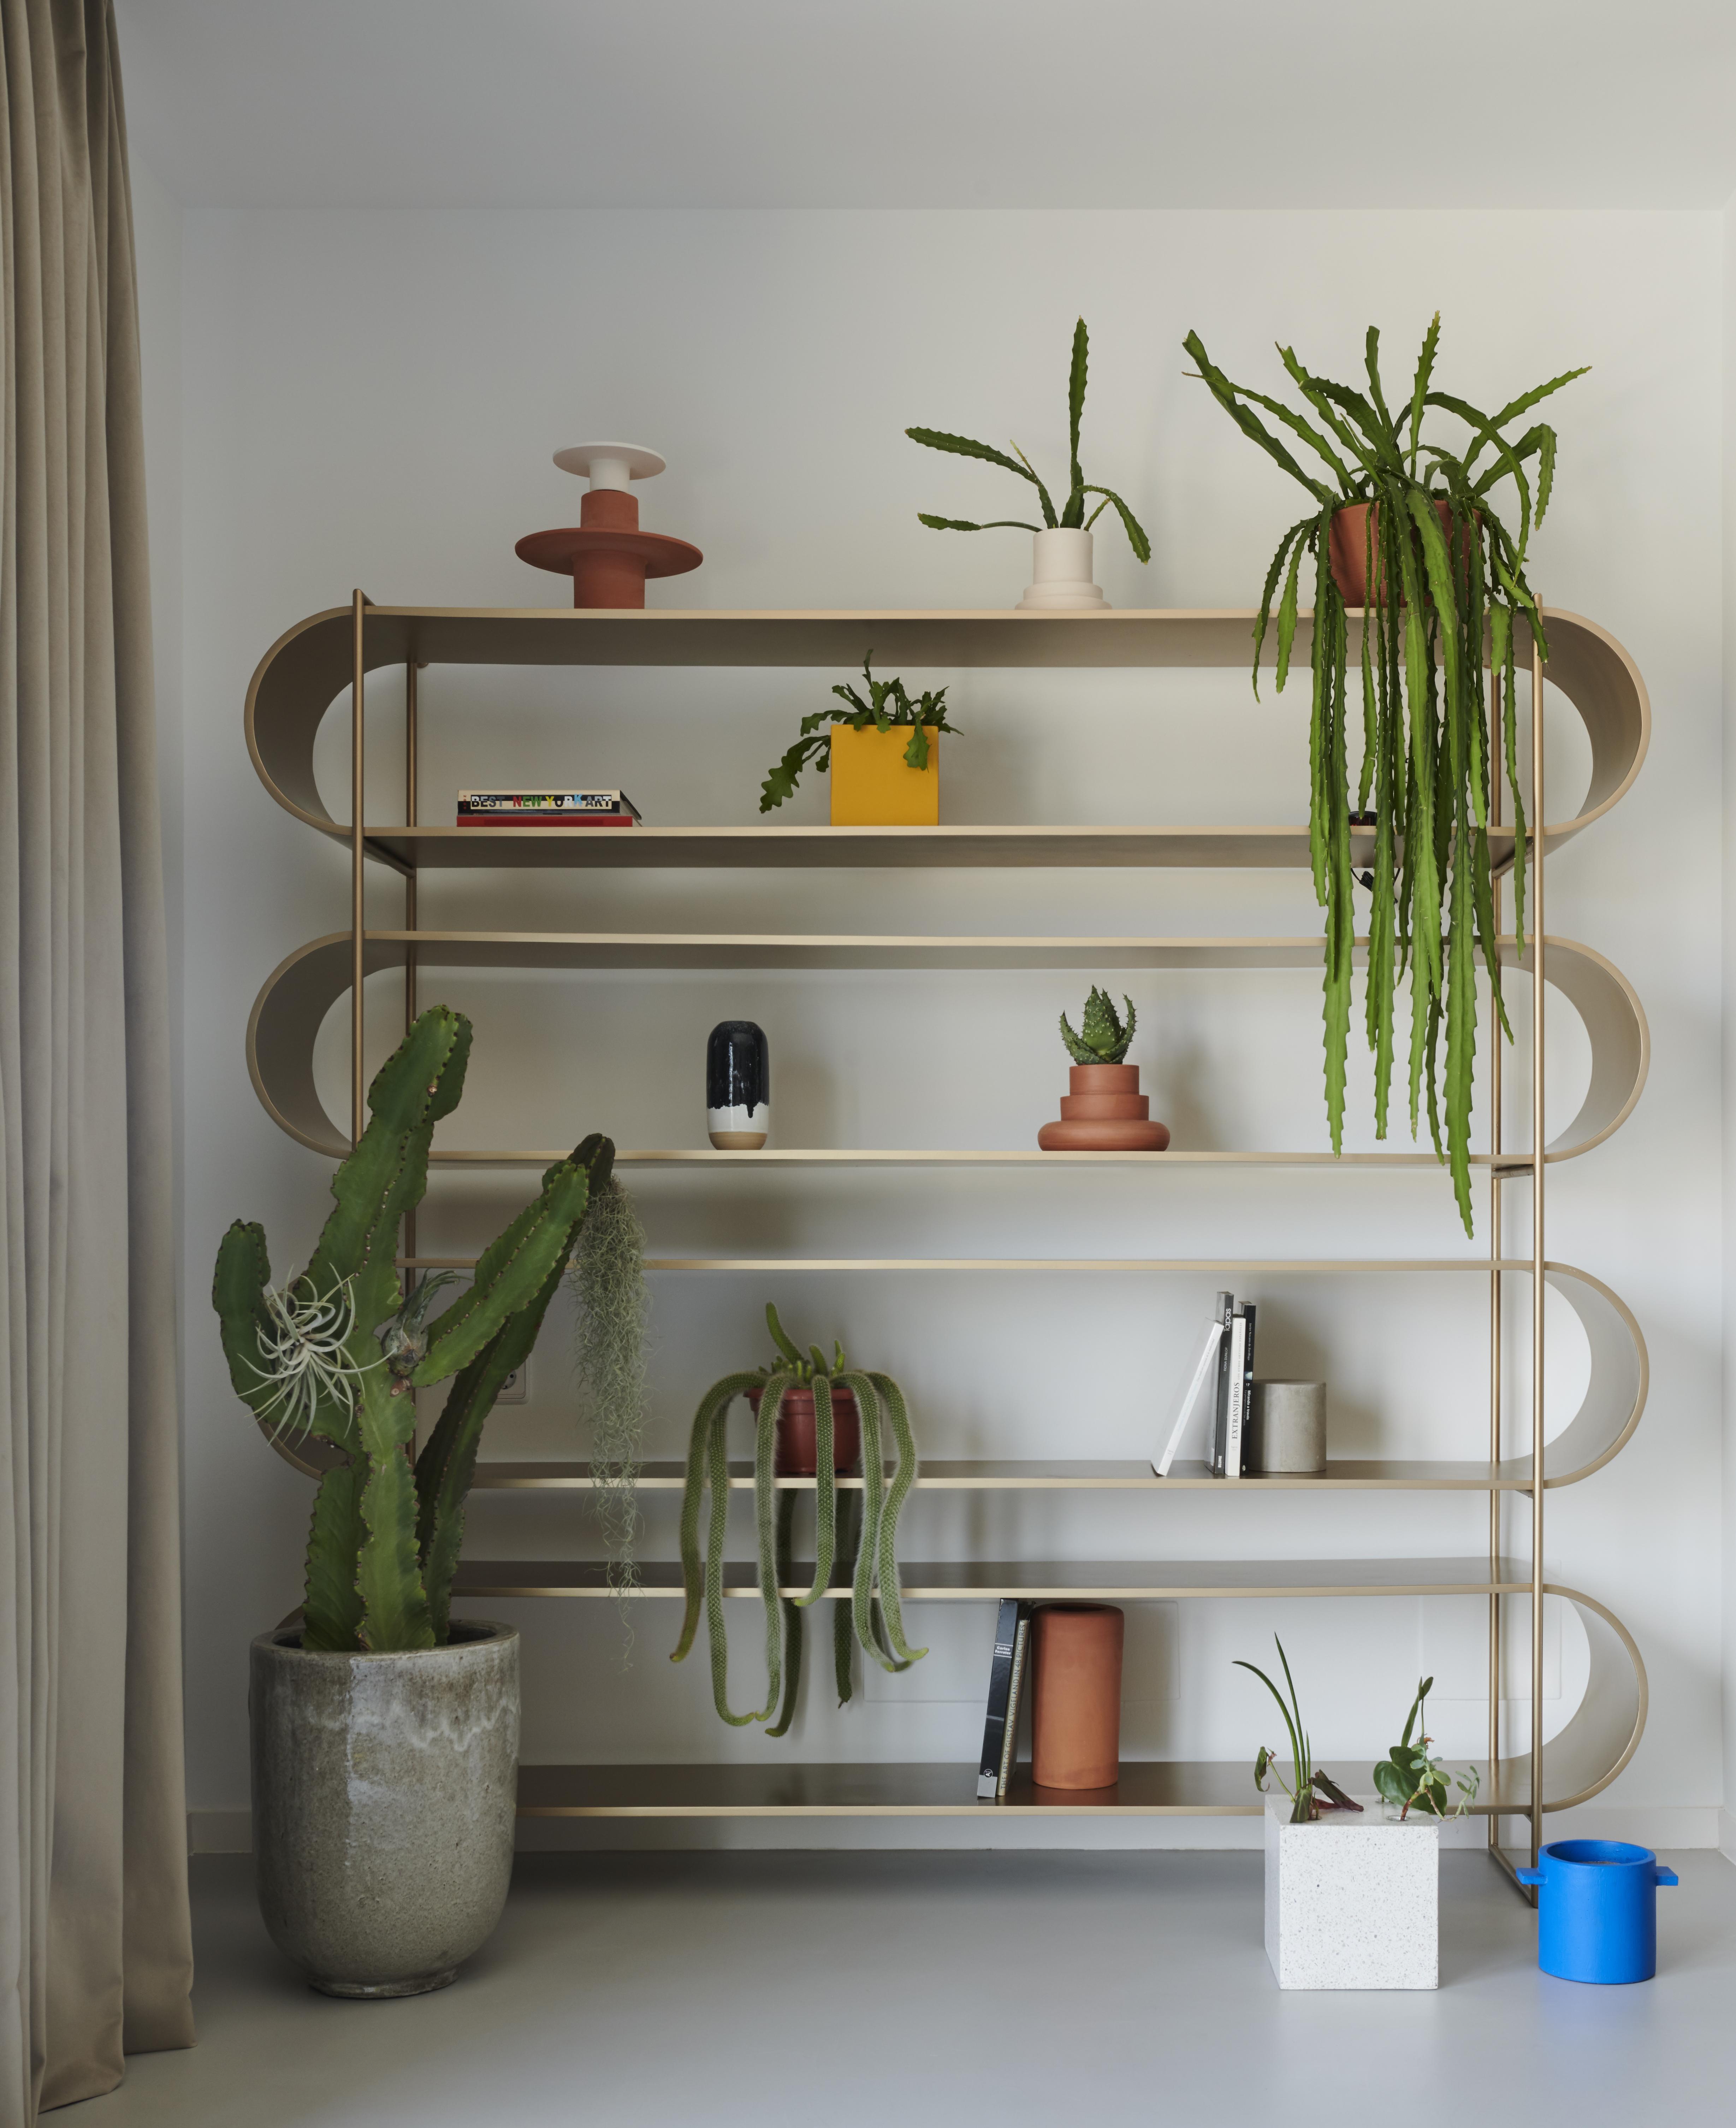 Abierta y con muchas plantas